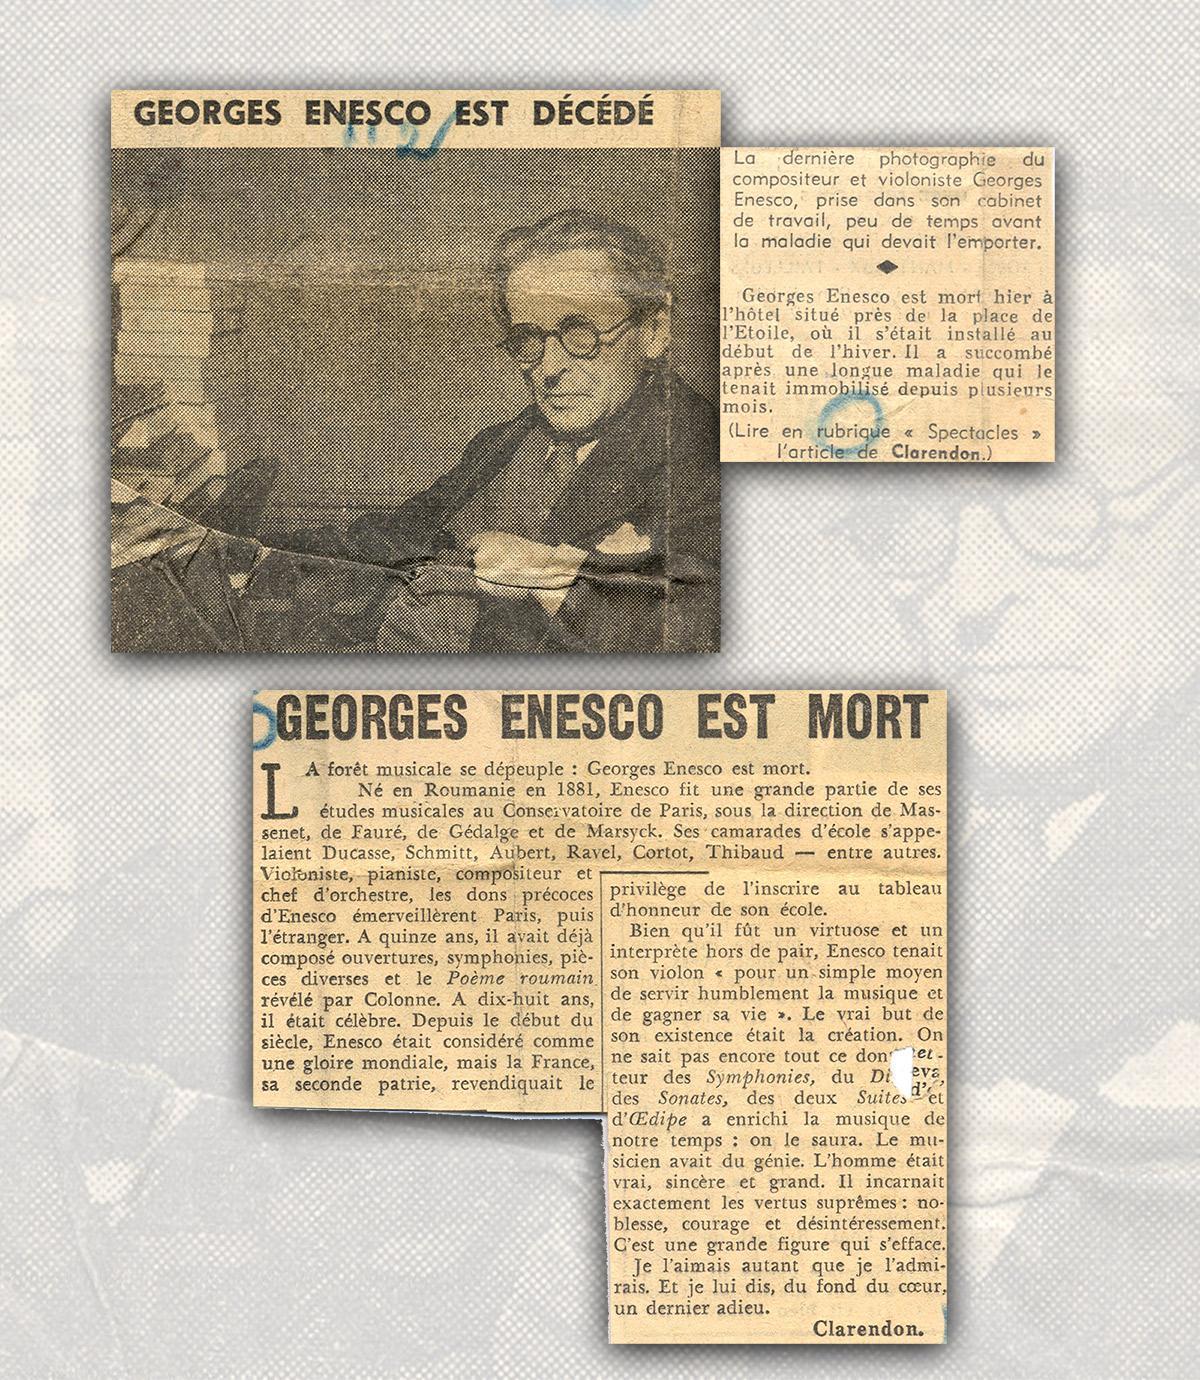 65 de ani de la moartea lui George Enescu